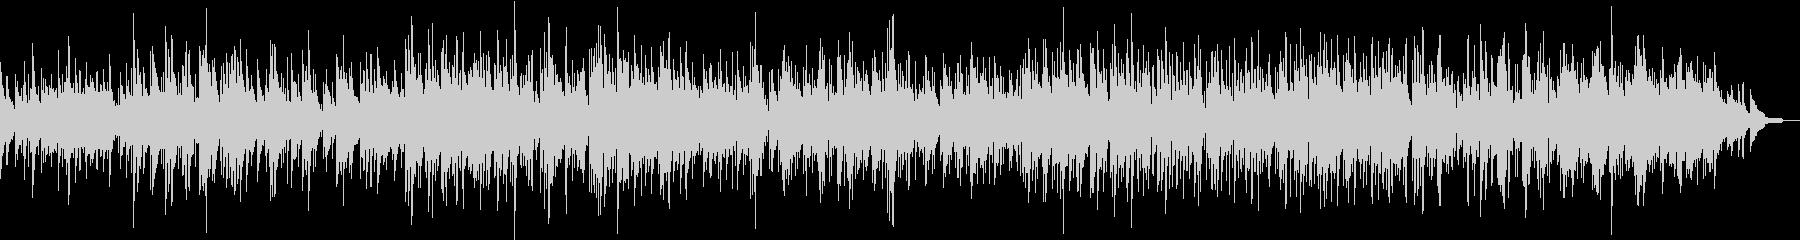 スローなピアノジャズボサノバの未再生の波形